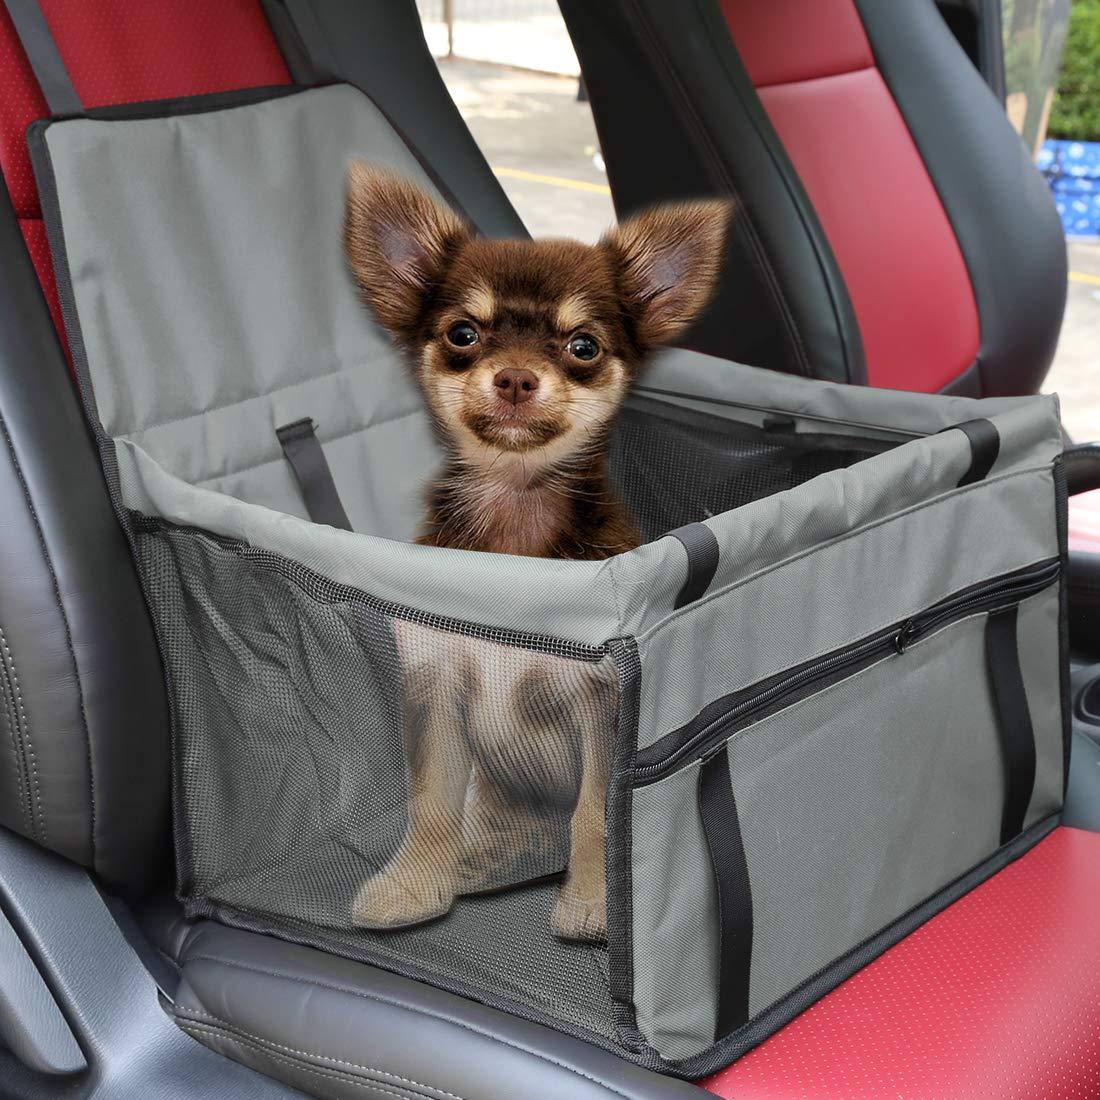 X AUTOHAUX Hunde Autositz f/ür kleine mittlere Hunde,wasserdicht Vordersitz Hundesitz Autositzbezug mit Verst/ärkte W/ände f/ür Haustiere Reise